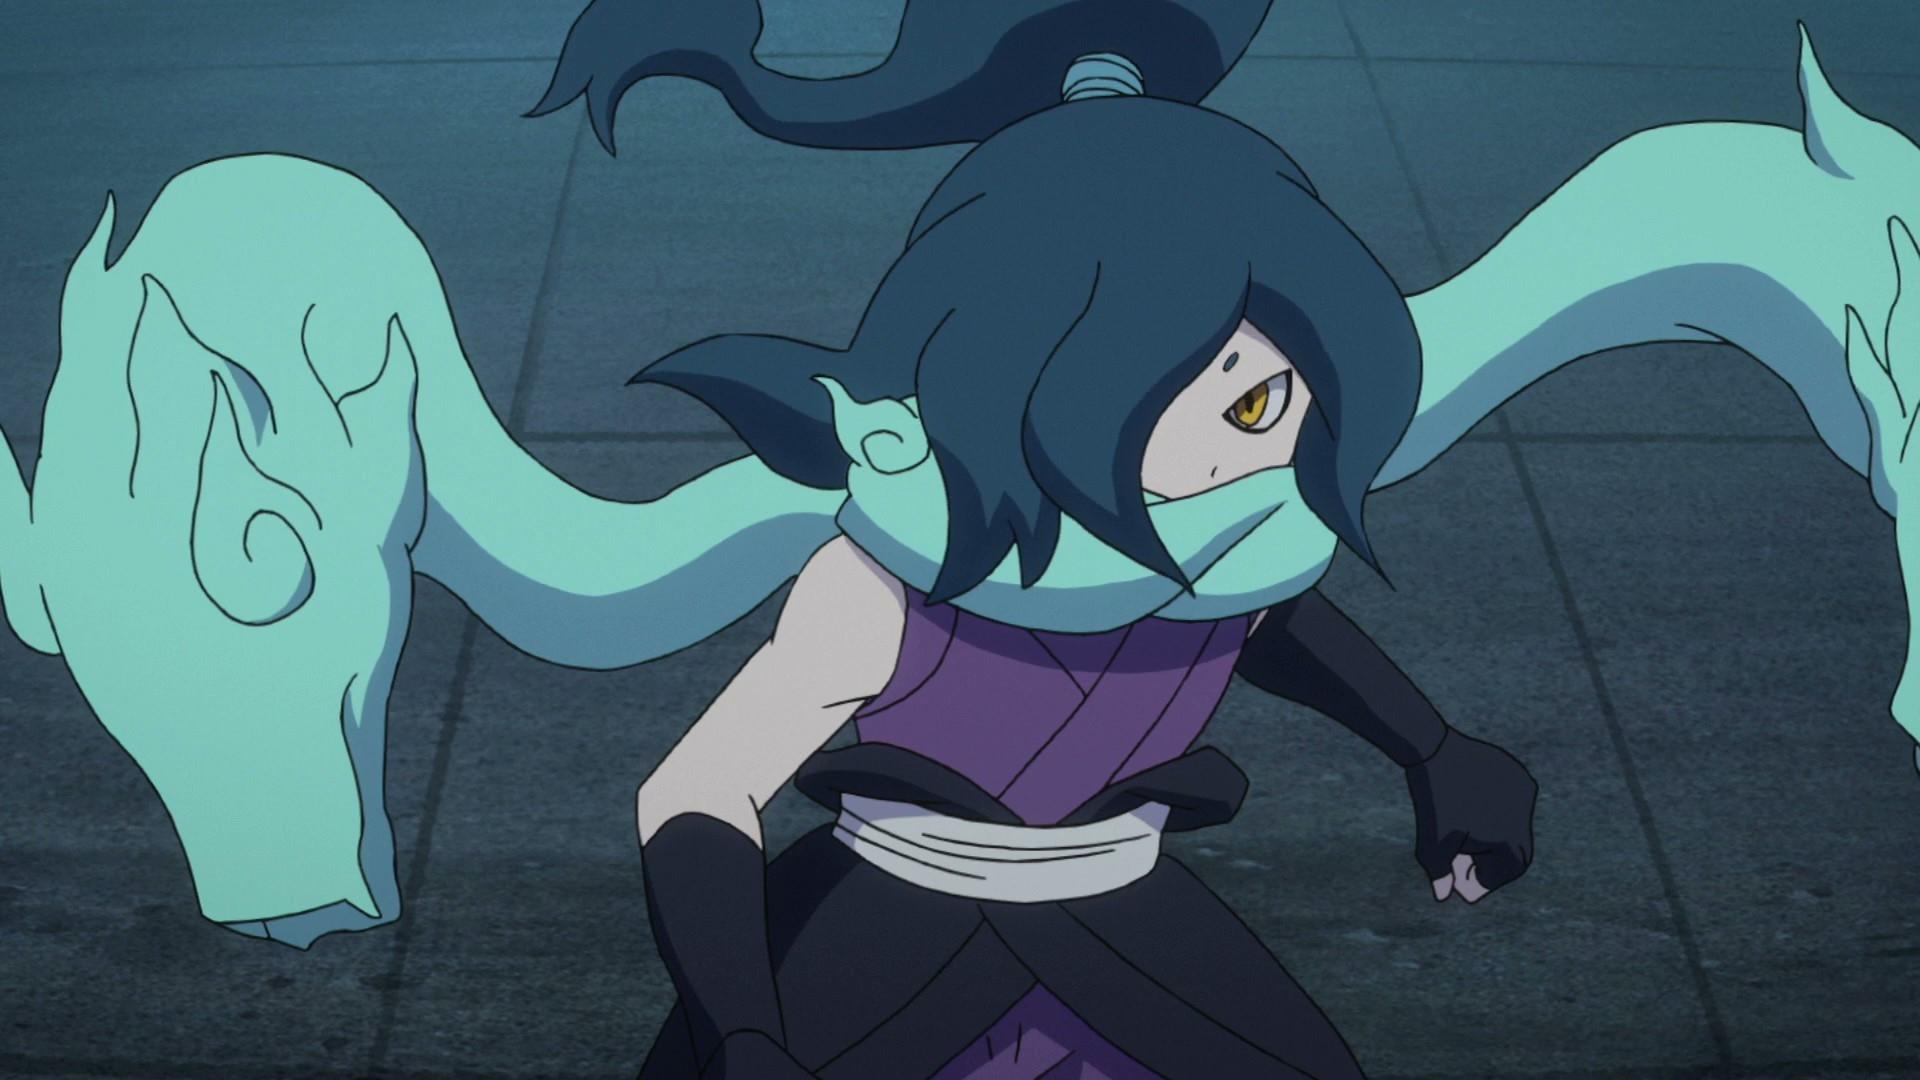 Venoct (anime)